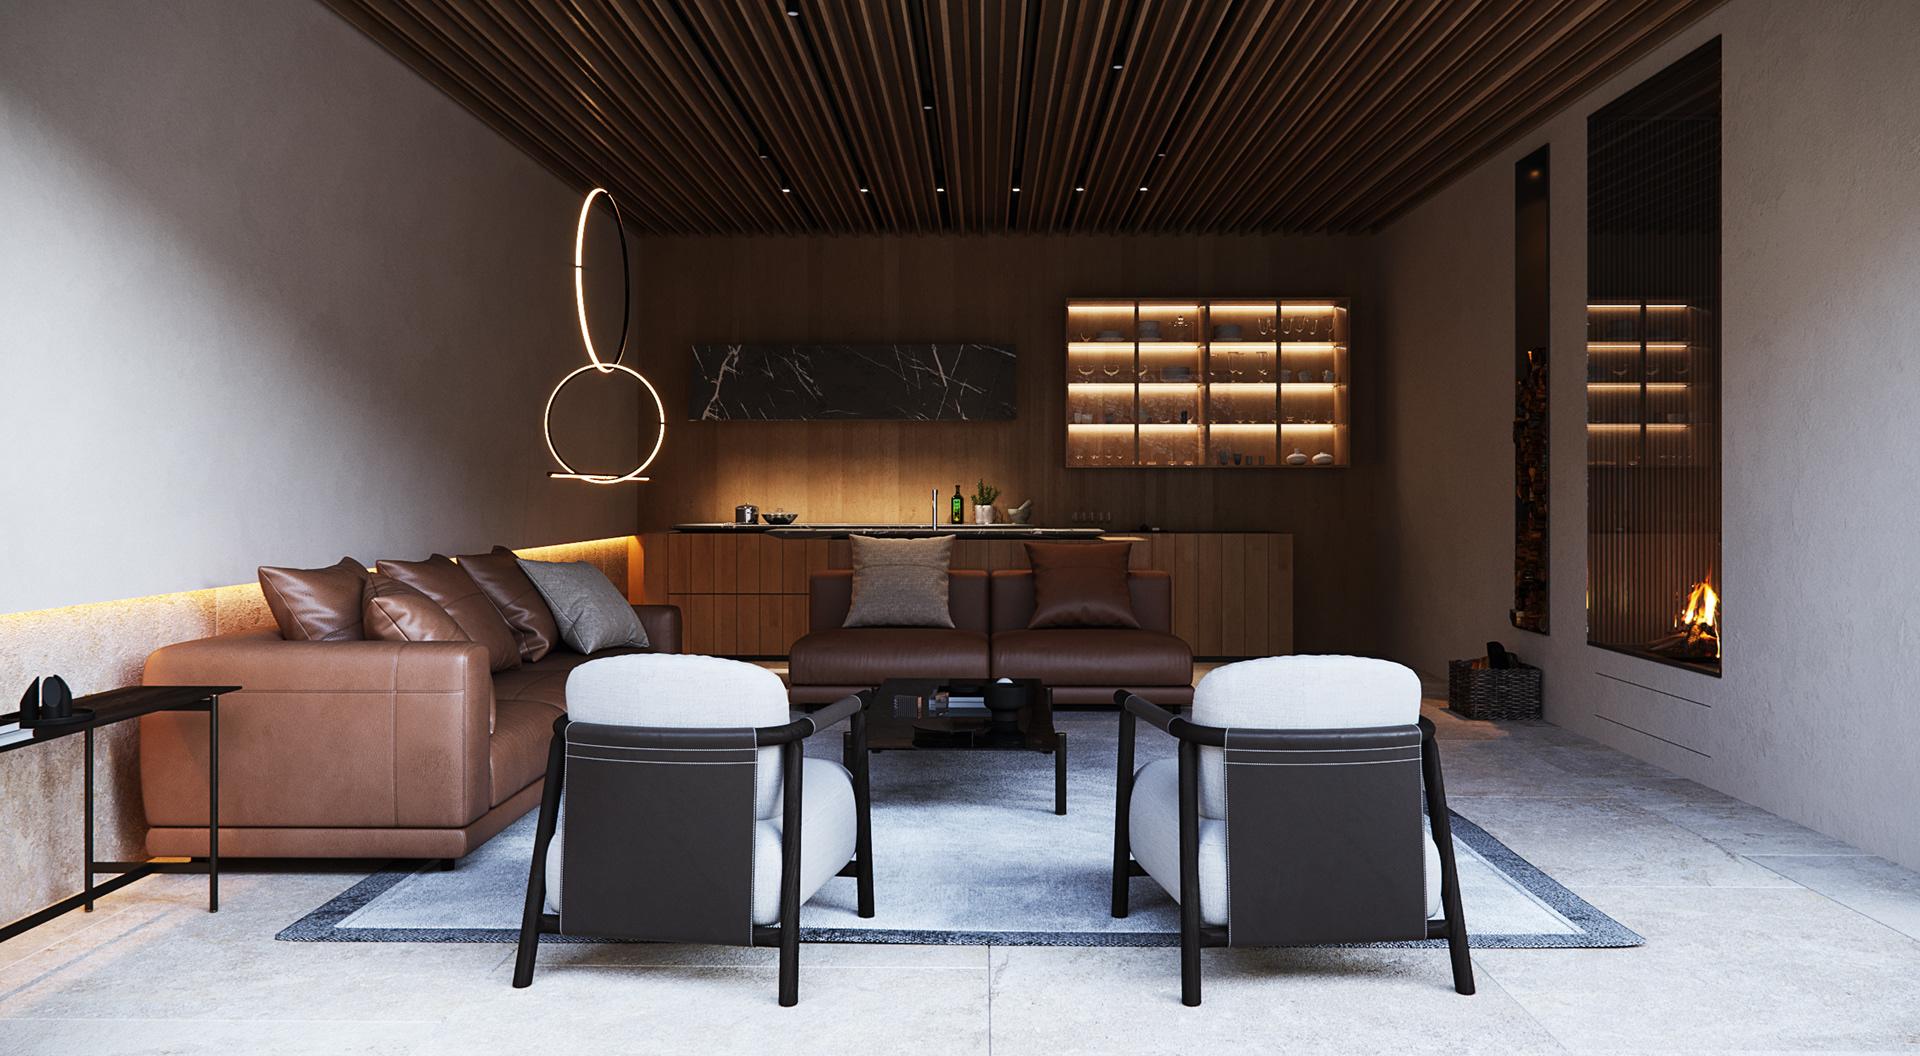 Căn phòng với tone màu trầm thanh lịch của gỗ và màu sắc của sofa.